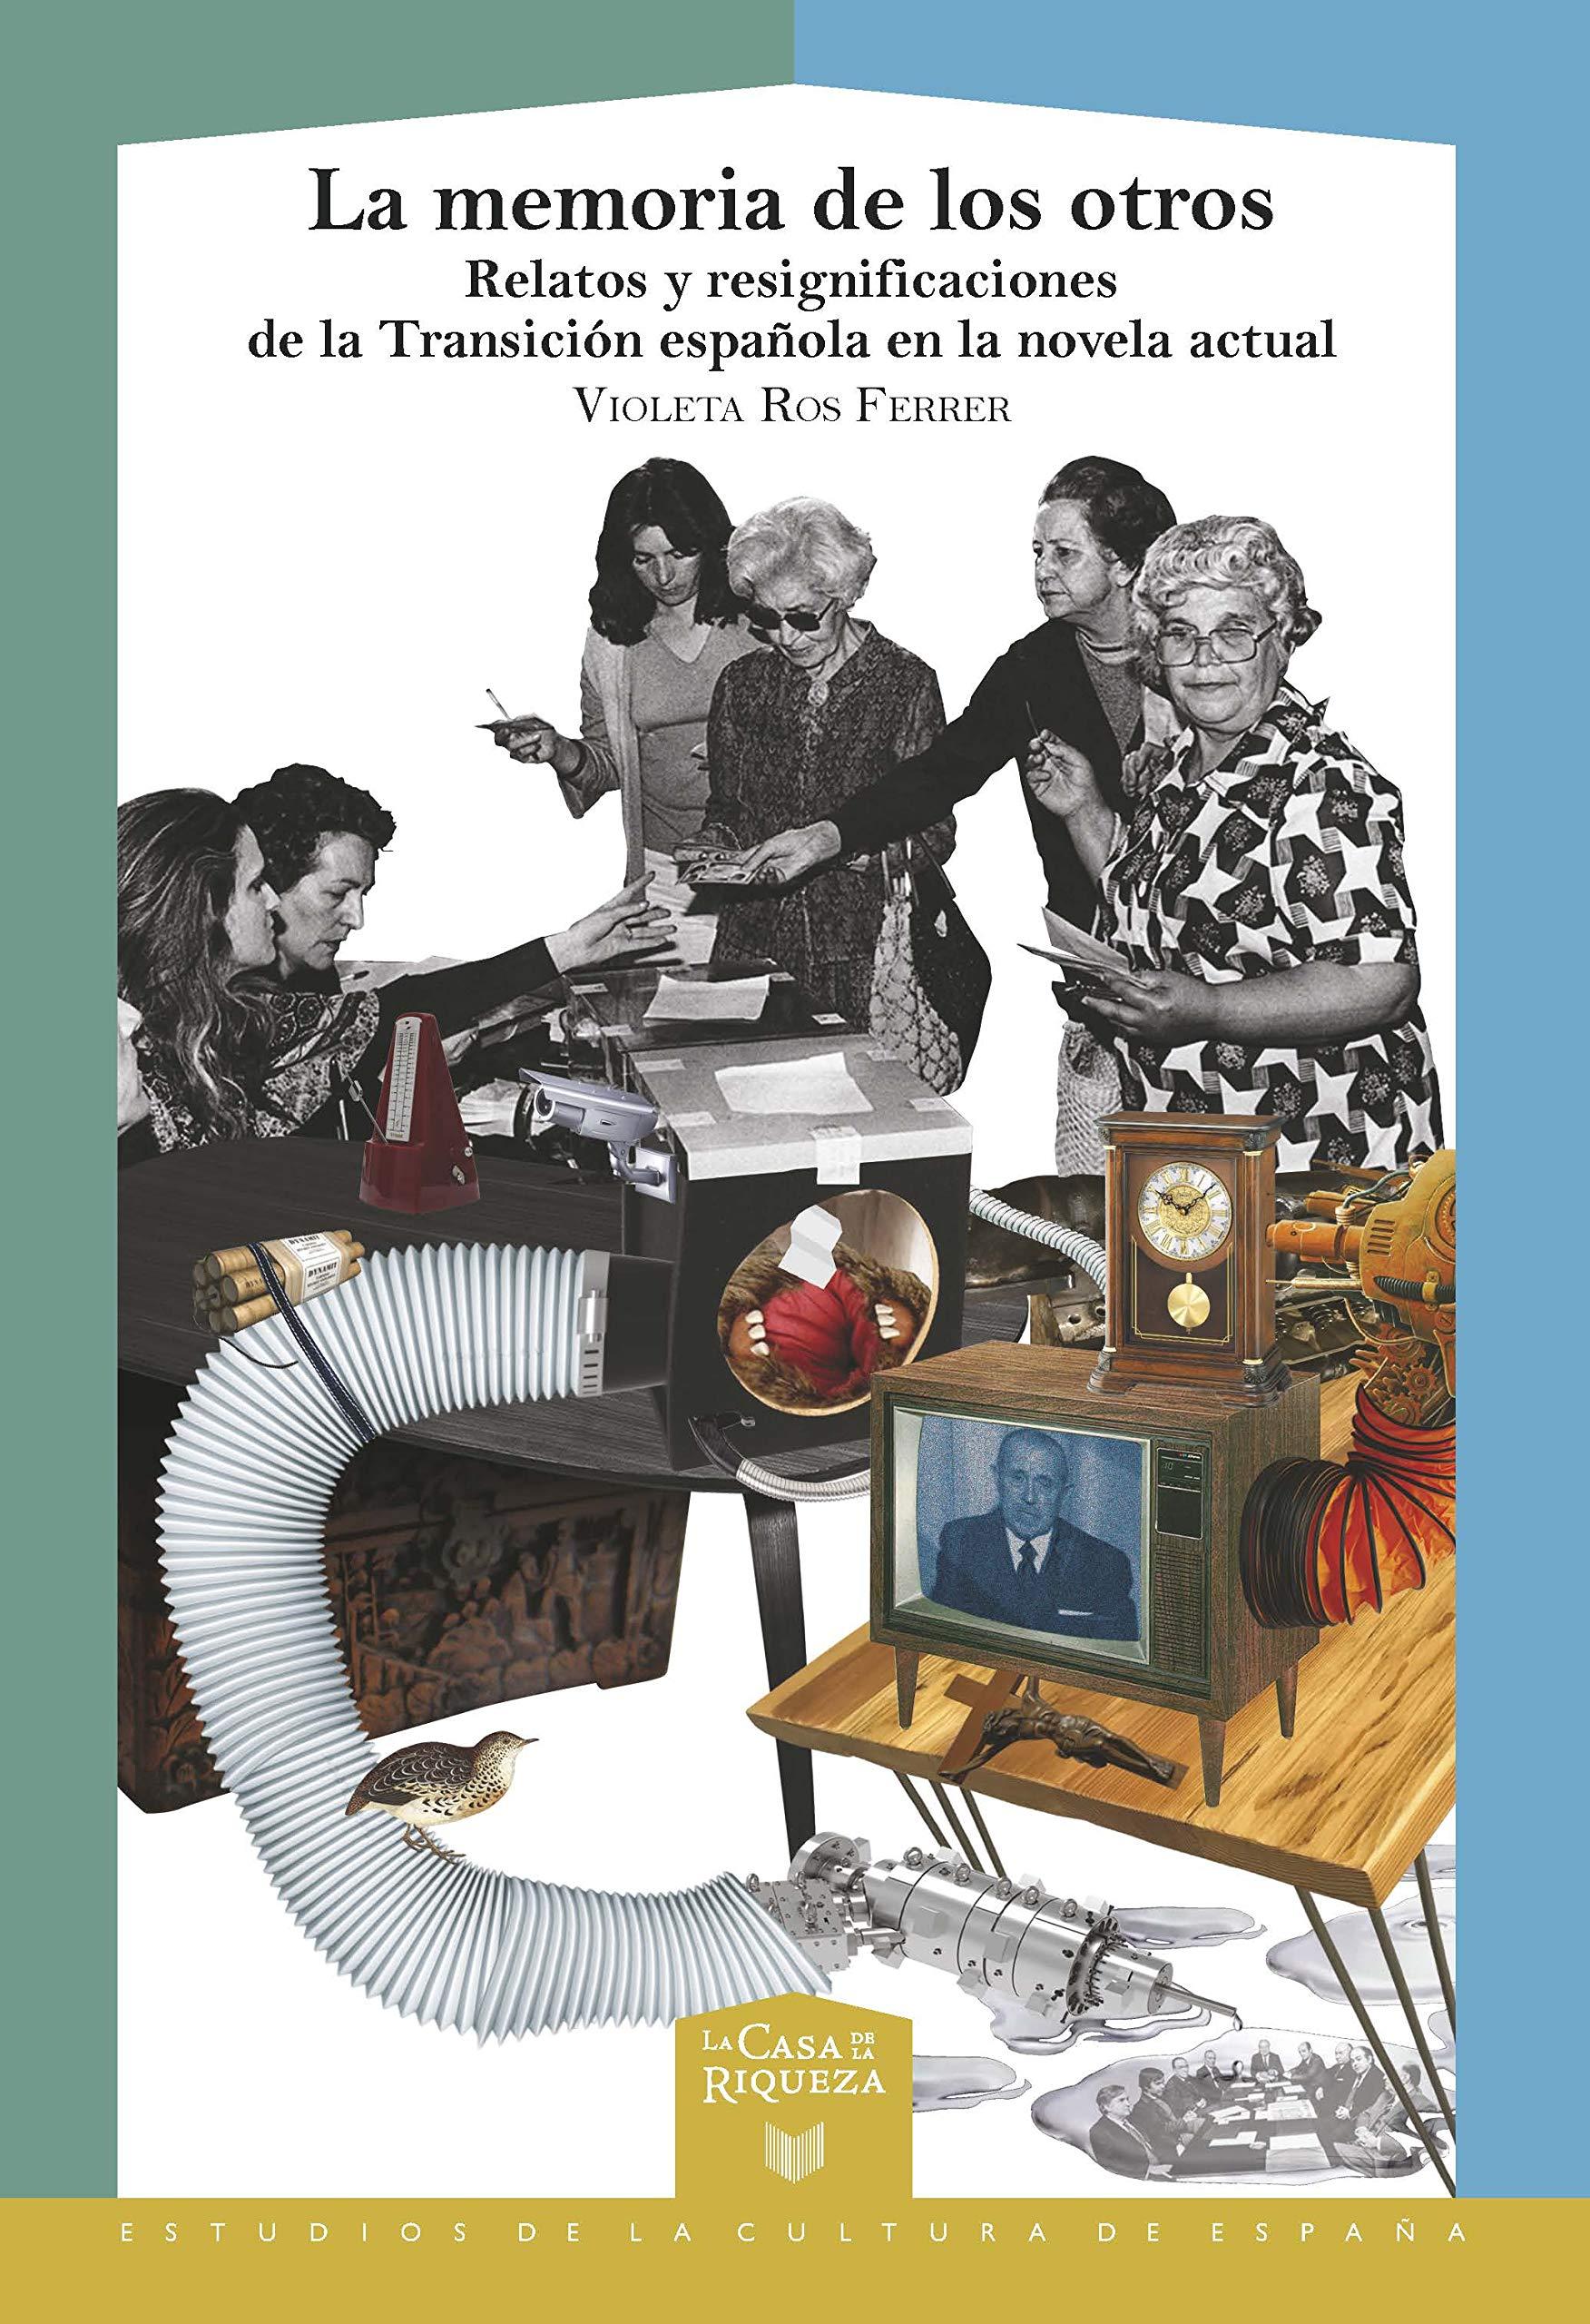 La Memoria De Los otros: Relatos y Resignificaciones De La Transición Española En La Novela Actual: 54 La Casa de la Riqueza. Estudios de la Cultura de España: Amazon.es: Ros Ferrer, Violeta: